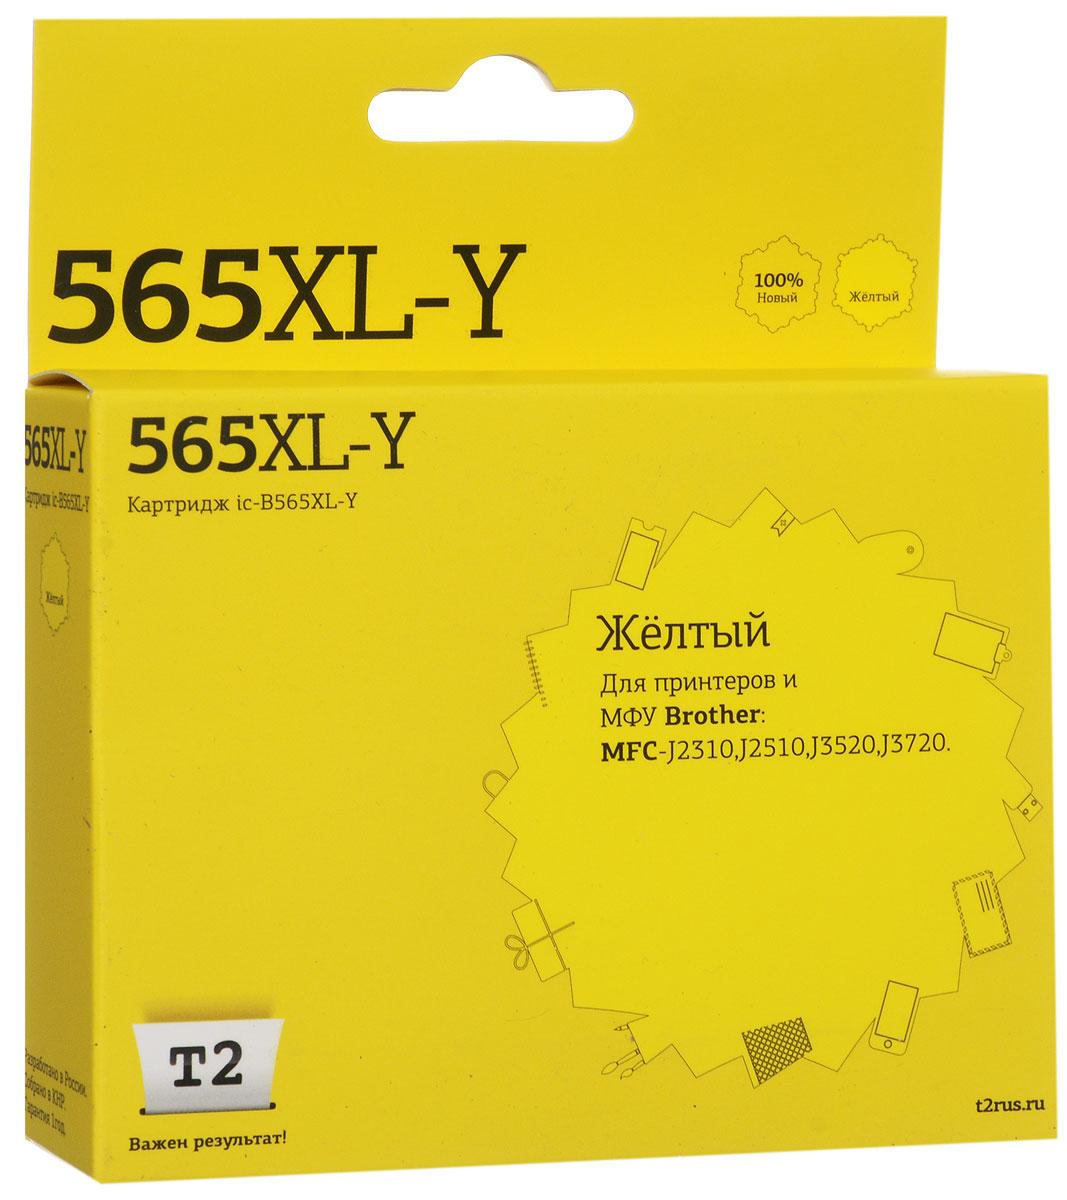 T2 IC-B565XL-Y картридж (аналог LC-565XL-Y) для Brother MFC-J2310/J2510/J3520/J3720, Yellow картридж brother lc565xlm magenta для mfc j2510 mfc j2310 mfc j3720 mfc j3520